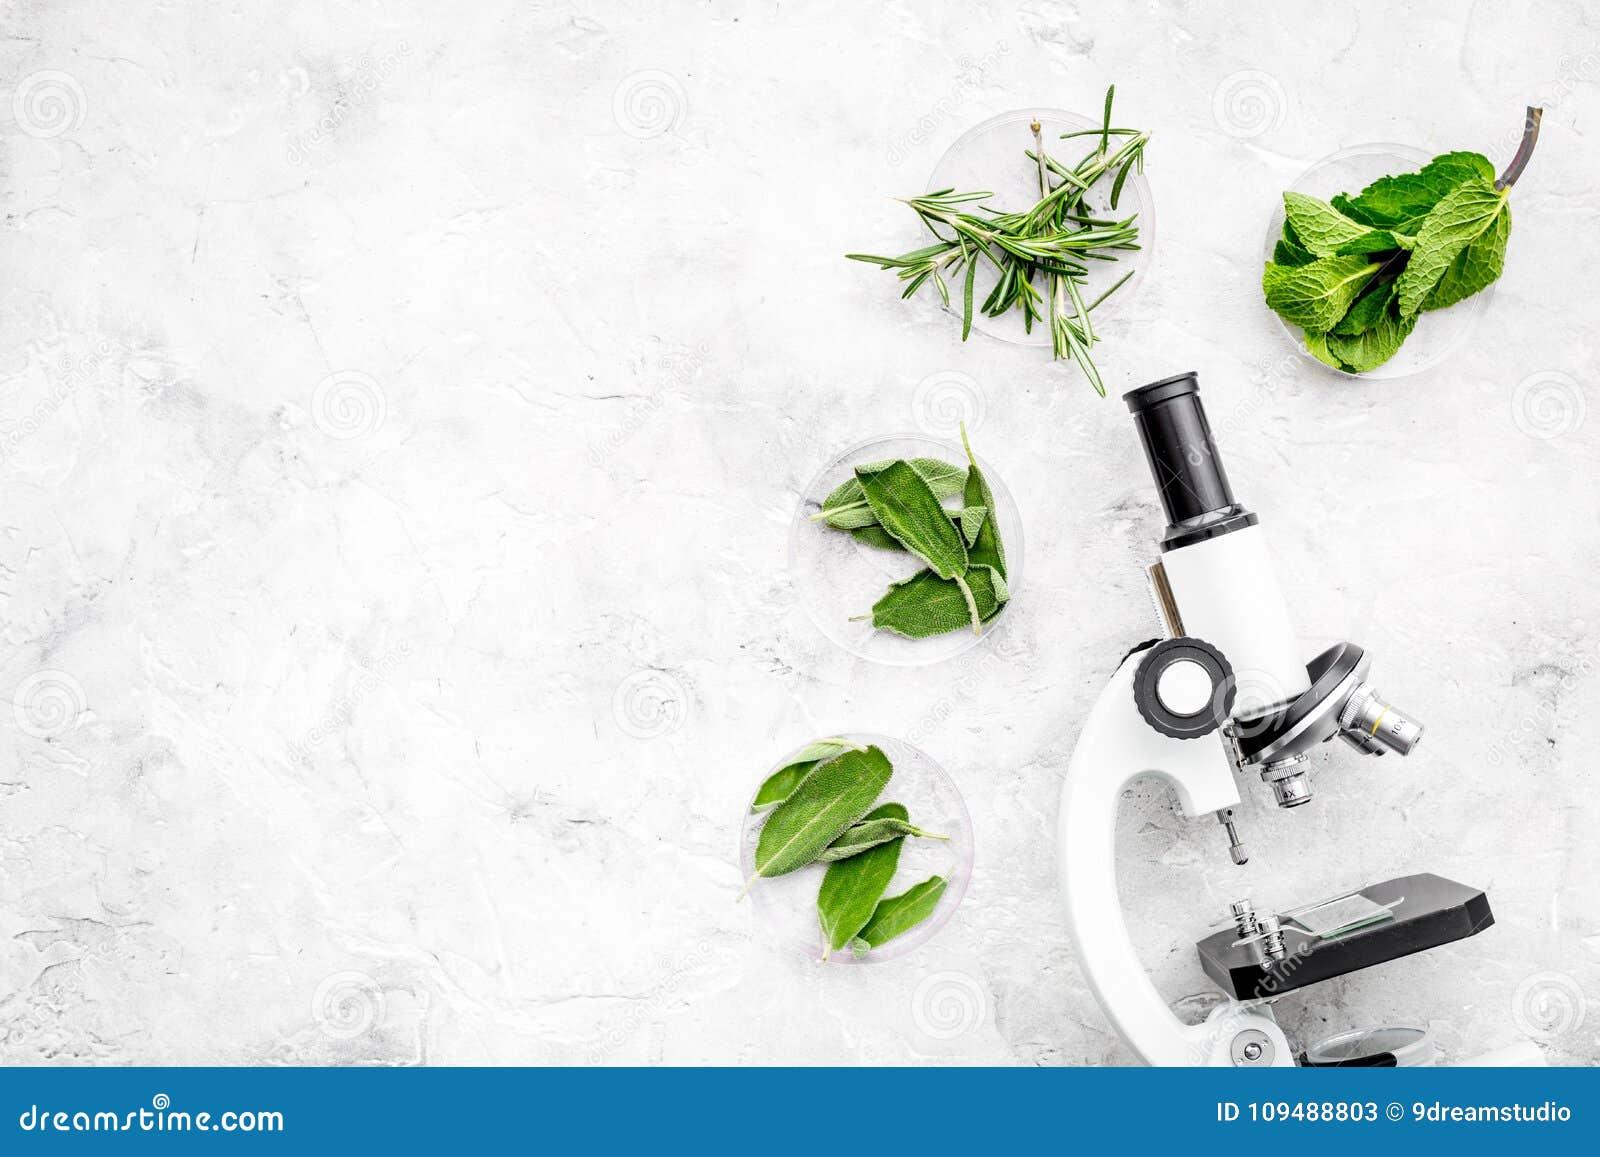 Analisi alimentare Gli antiparassitari liberano le verdure Erbe rosmarini, menta vicino al microscopio sullo spazio grigio della